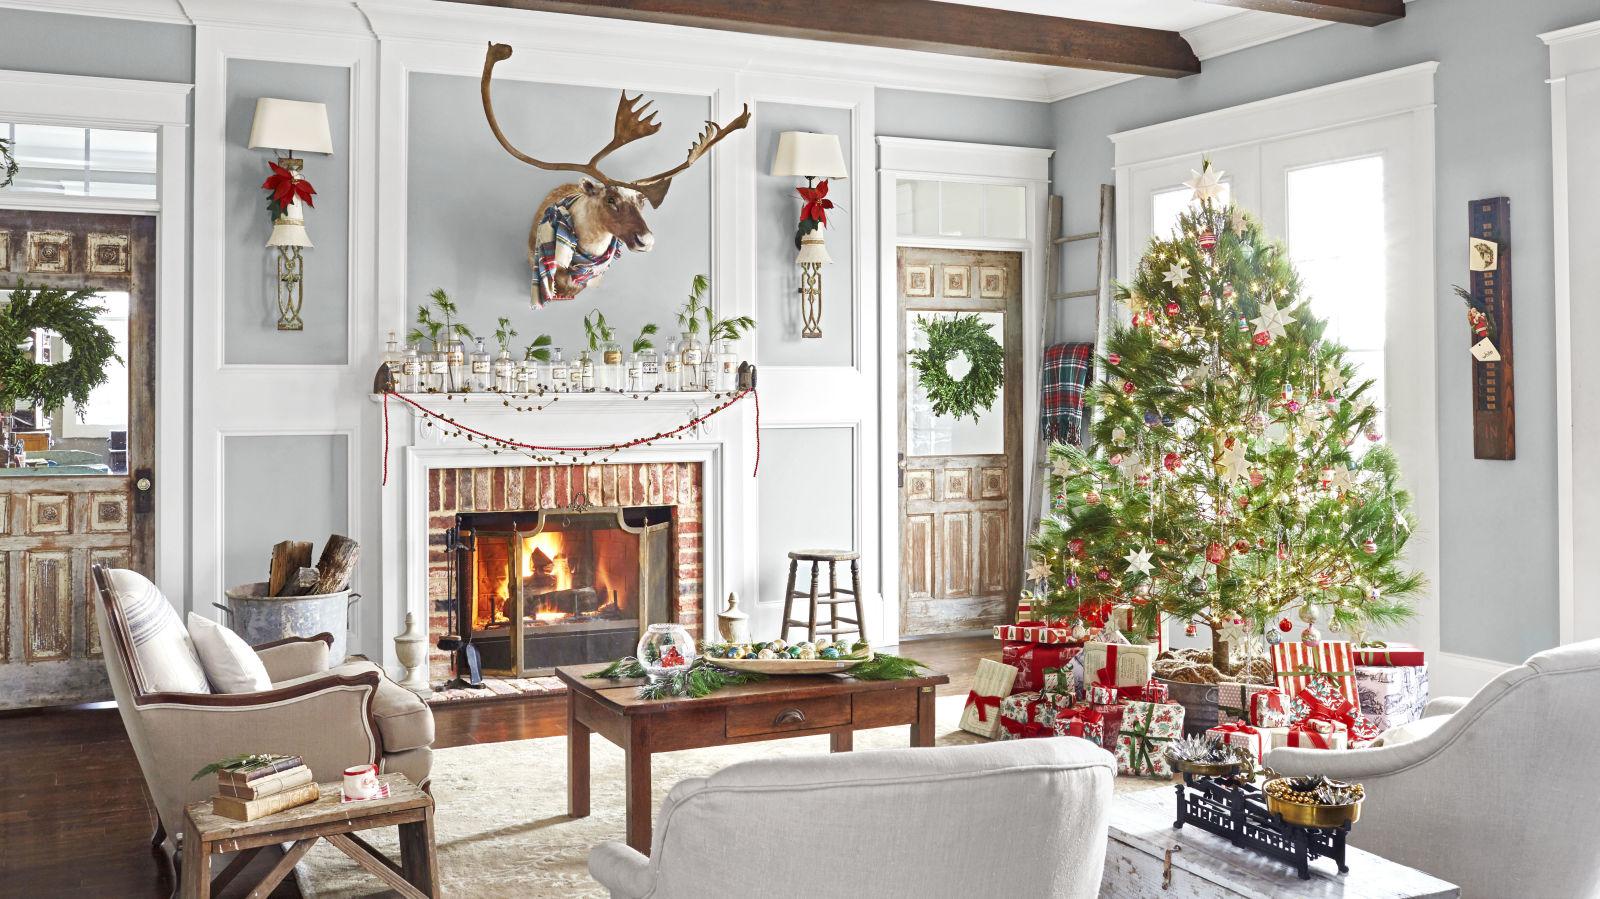 Christmas Home Tour via Country Living